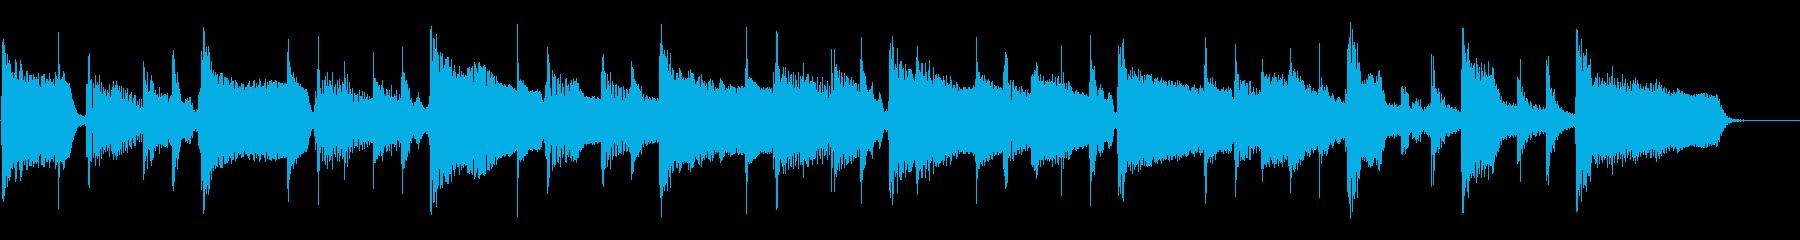 2つのスローテンポ、リズムギターや...の再生済みの波形